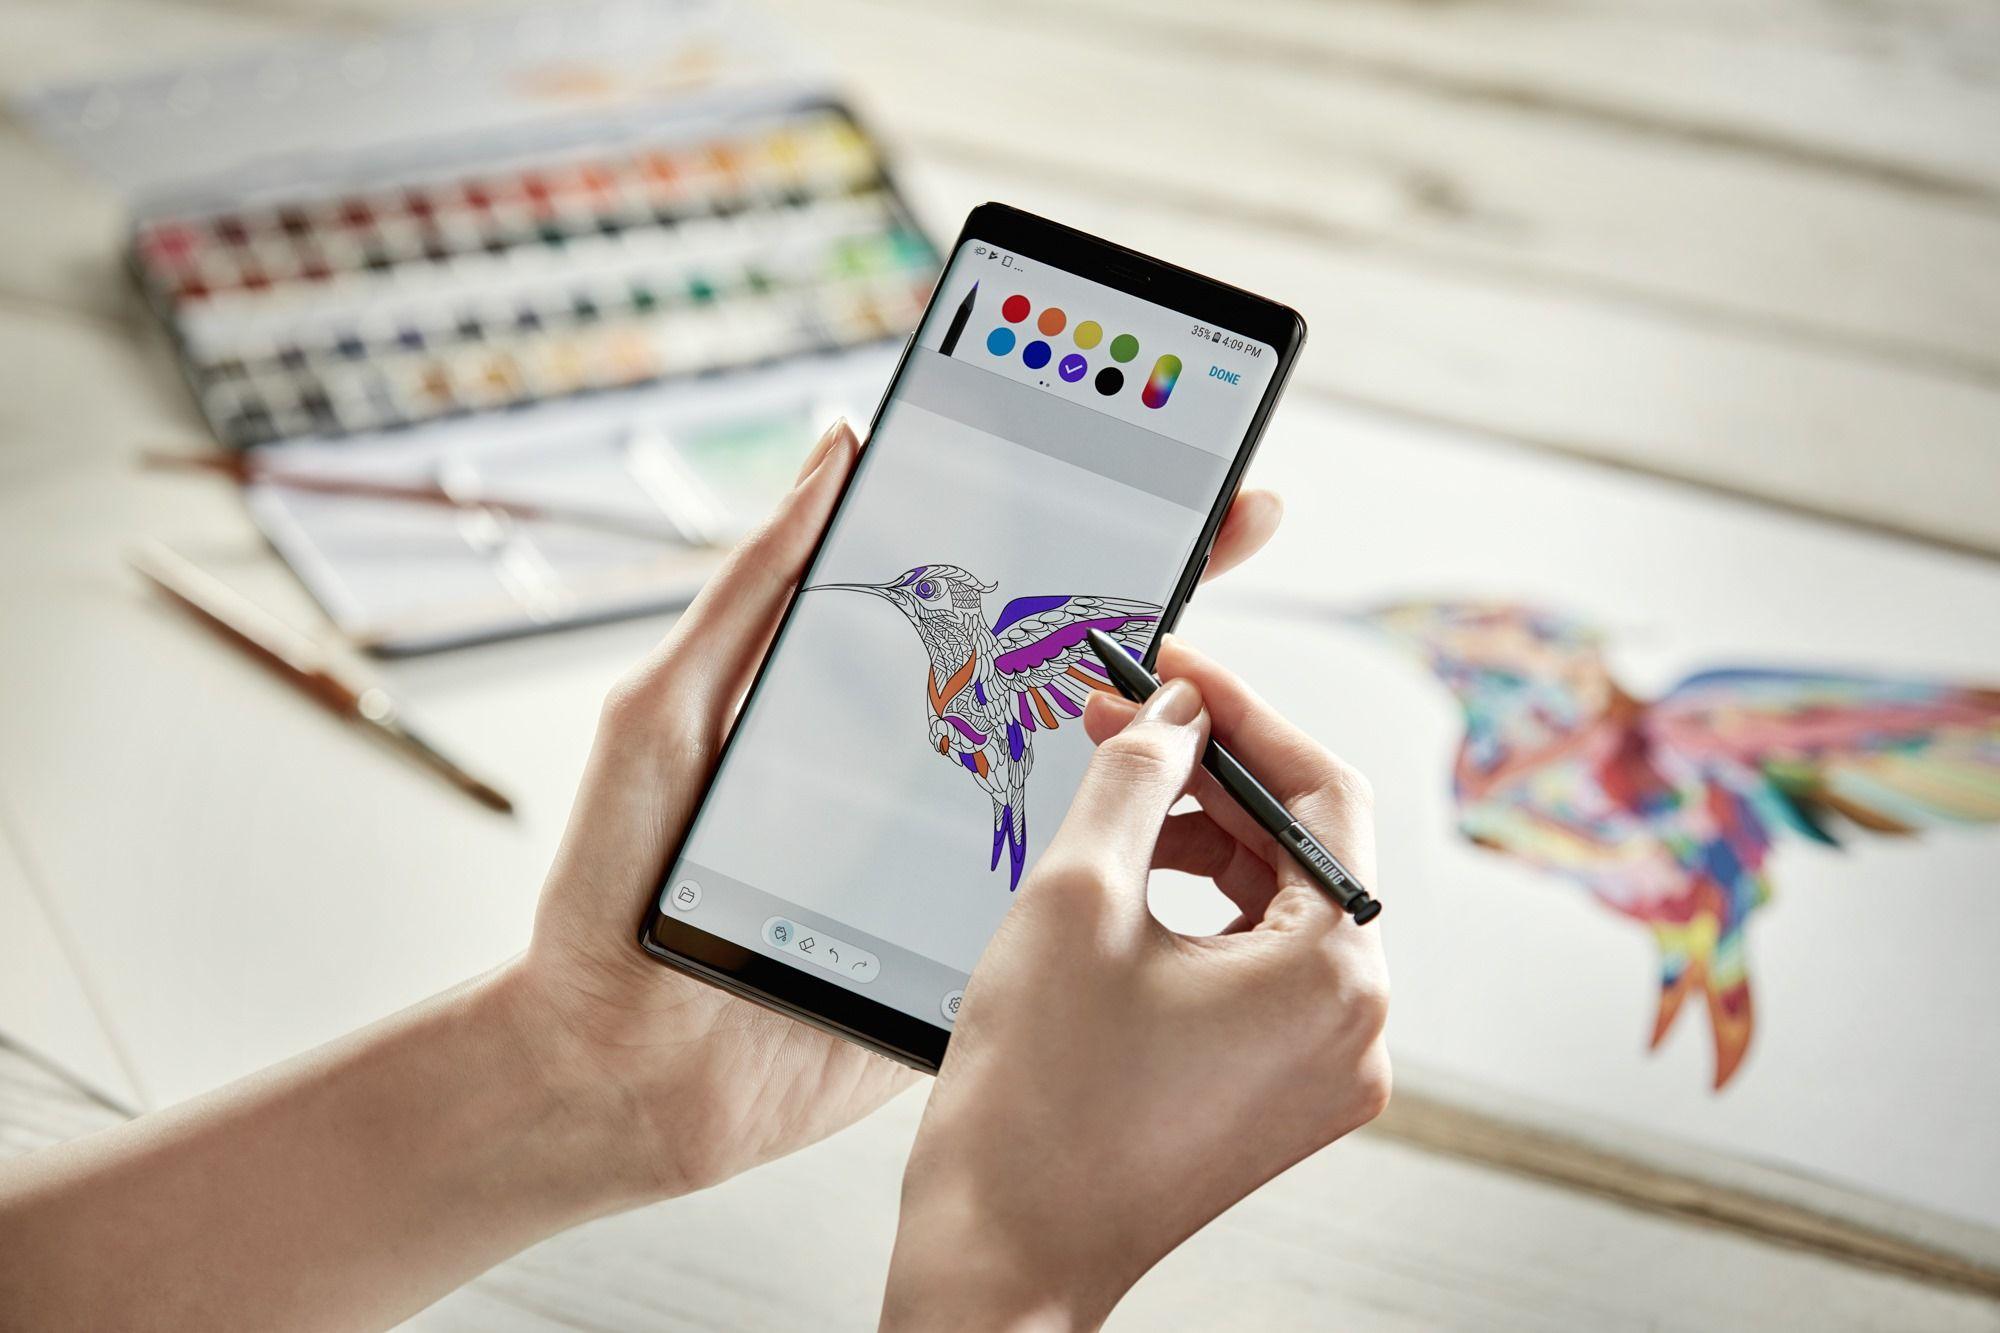 S Pen Coloring